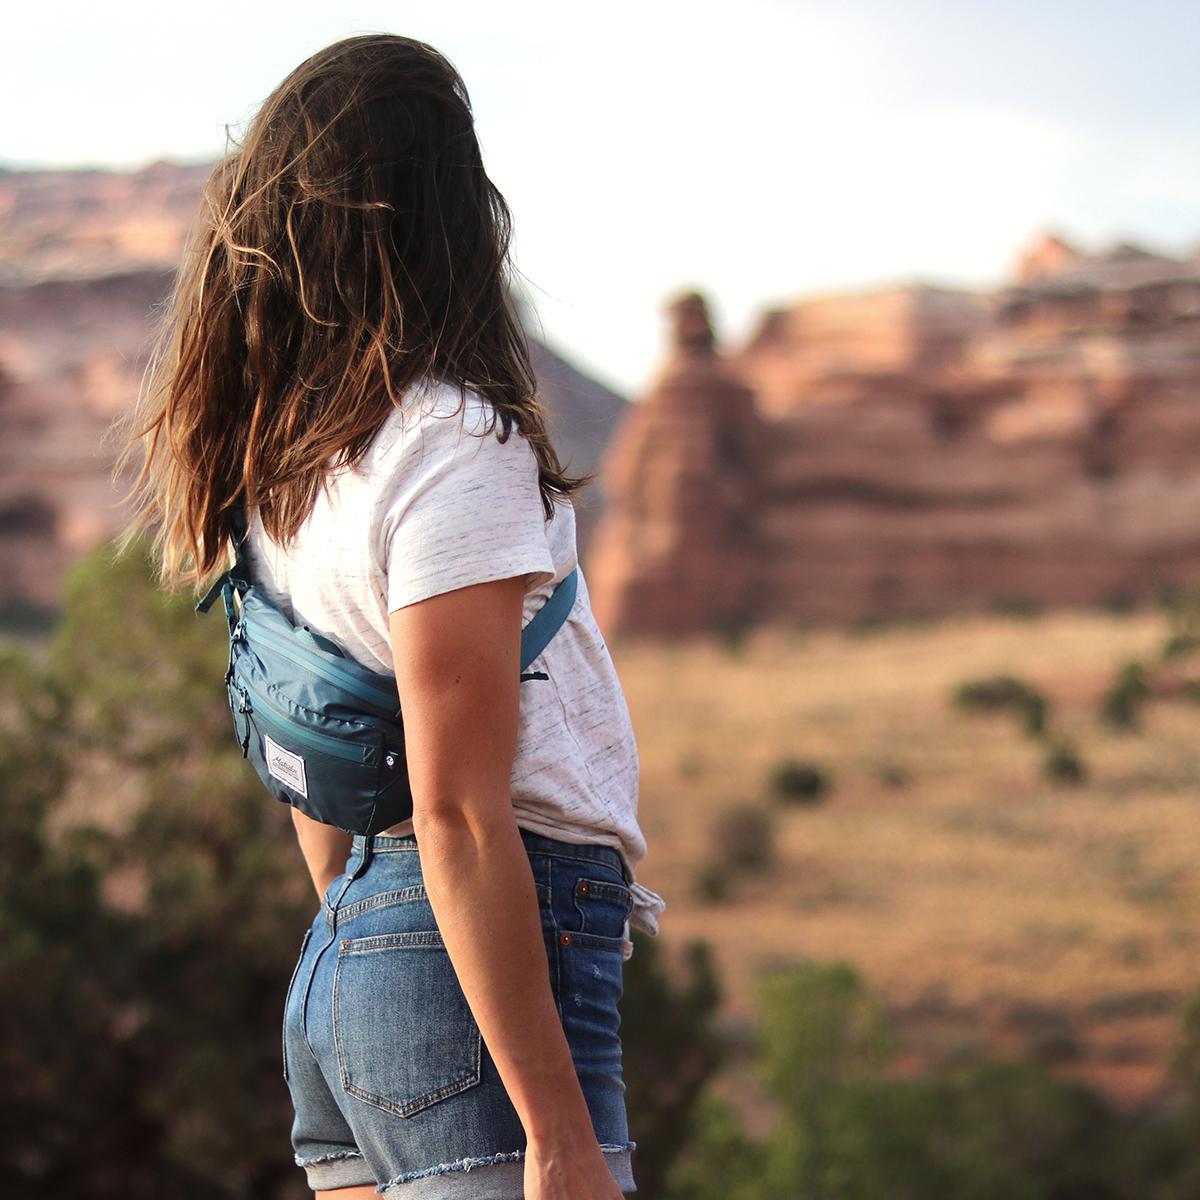 身に着けていることを忘れてしまうほど快適な、旅先や日常生活でアクティブに動き回れる!手のひらサイズにたためる防水仕様のウエストバッグ/ヒップバッグ| Matador